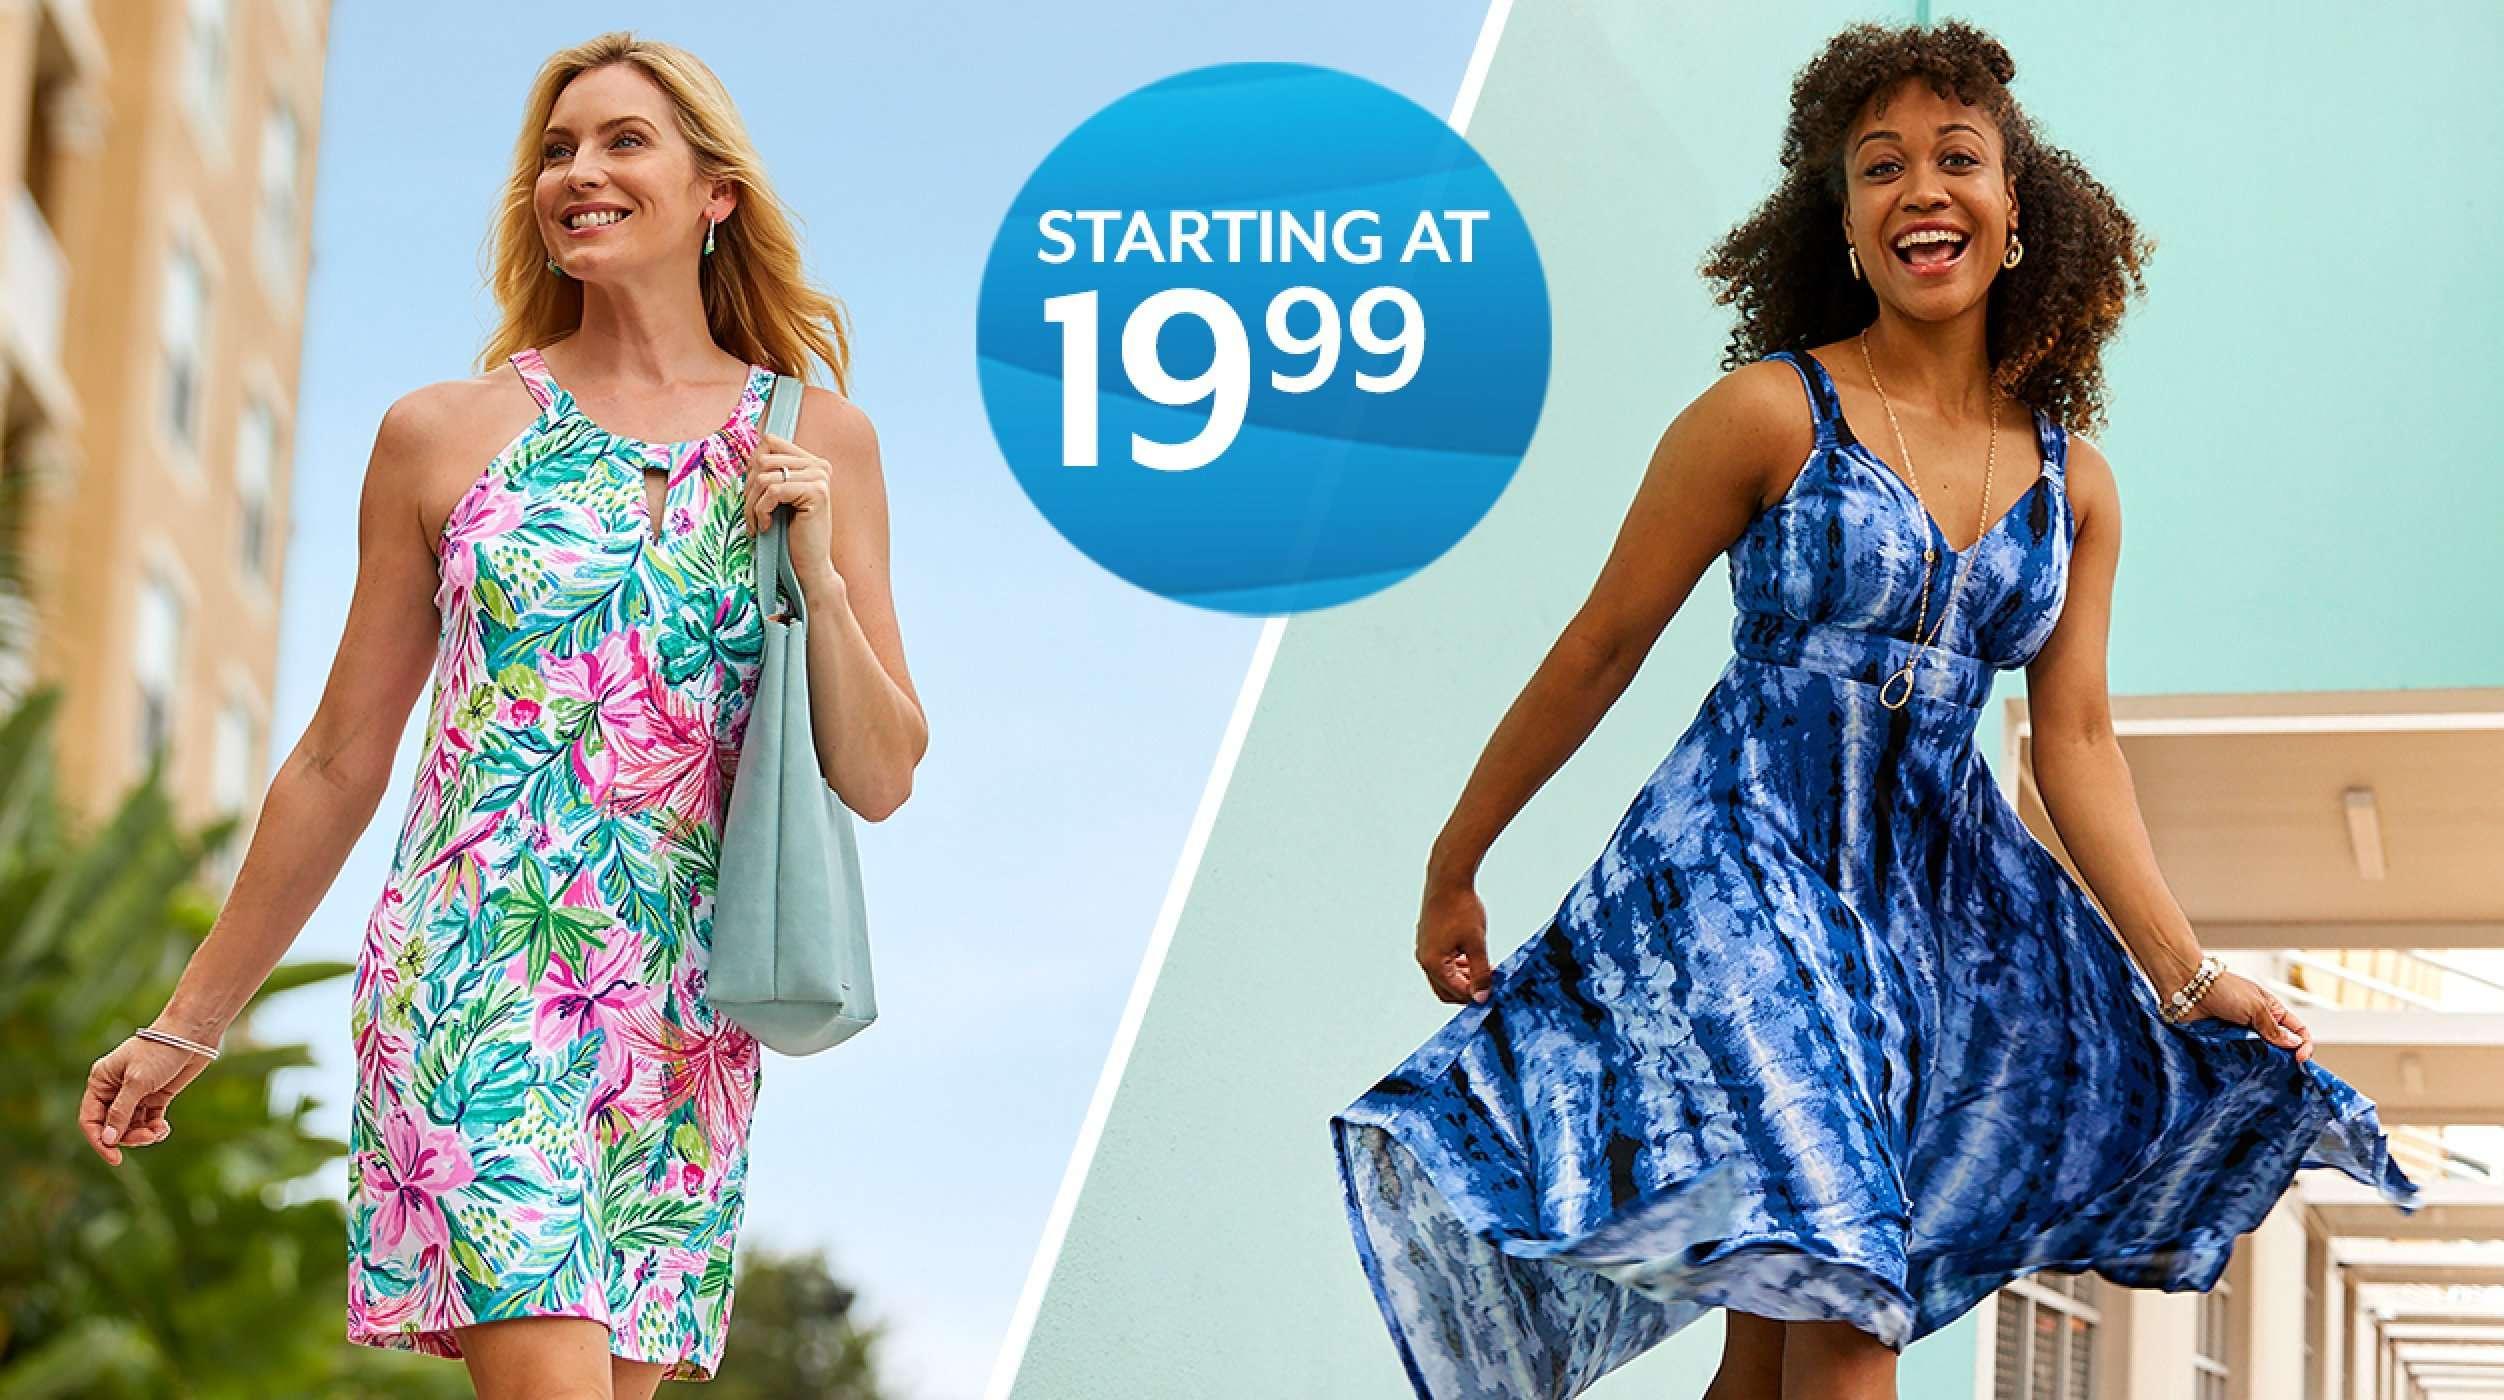 starting at 19.99 dresses for women